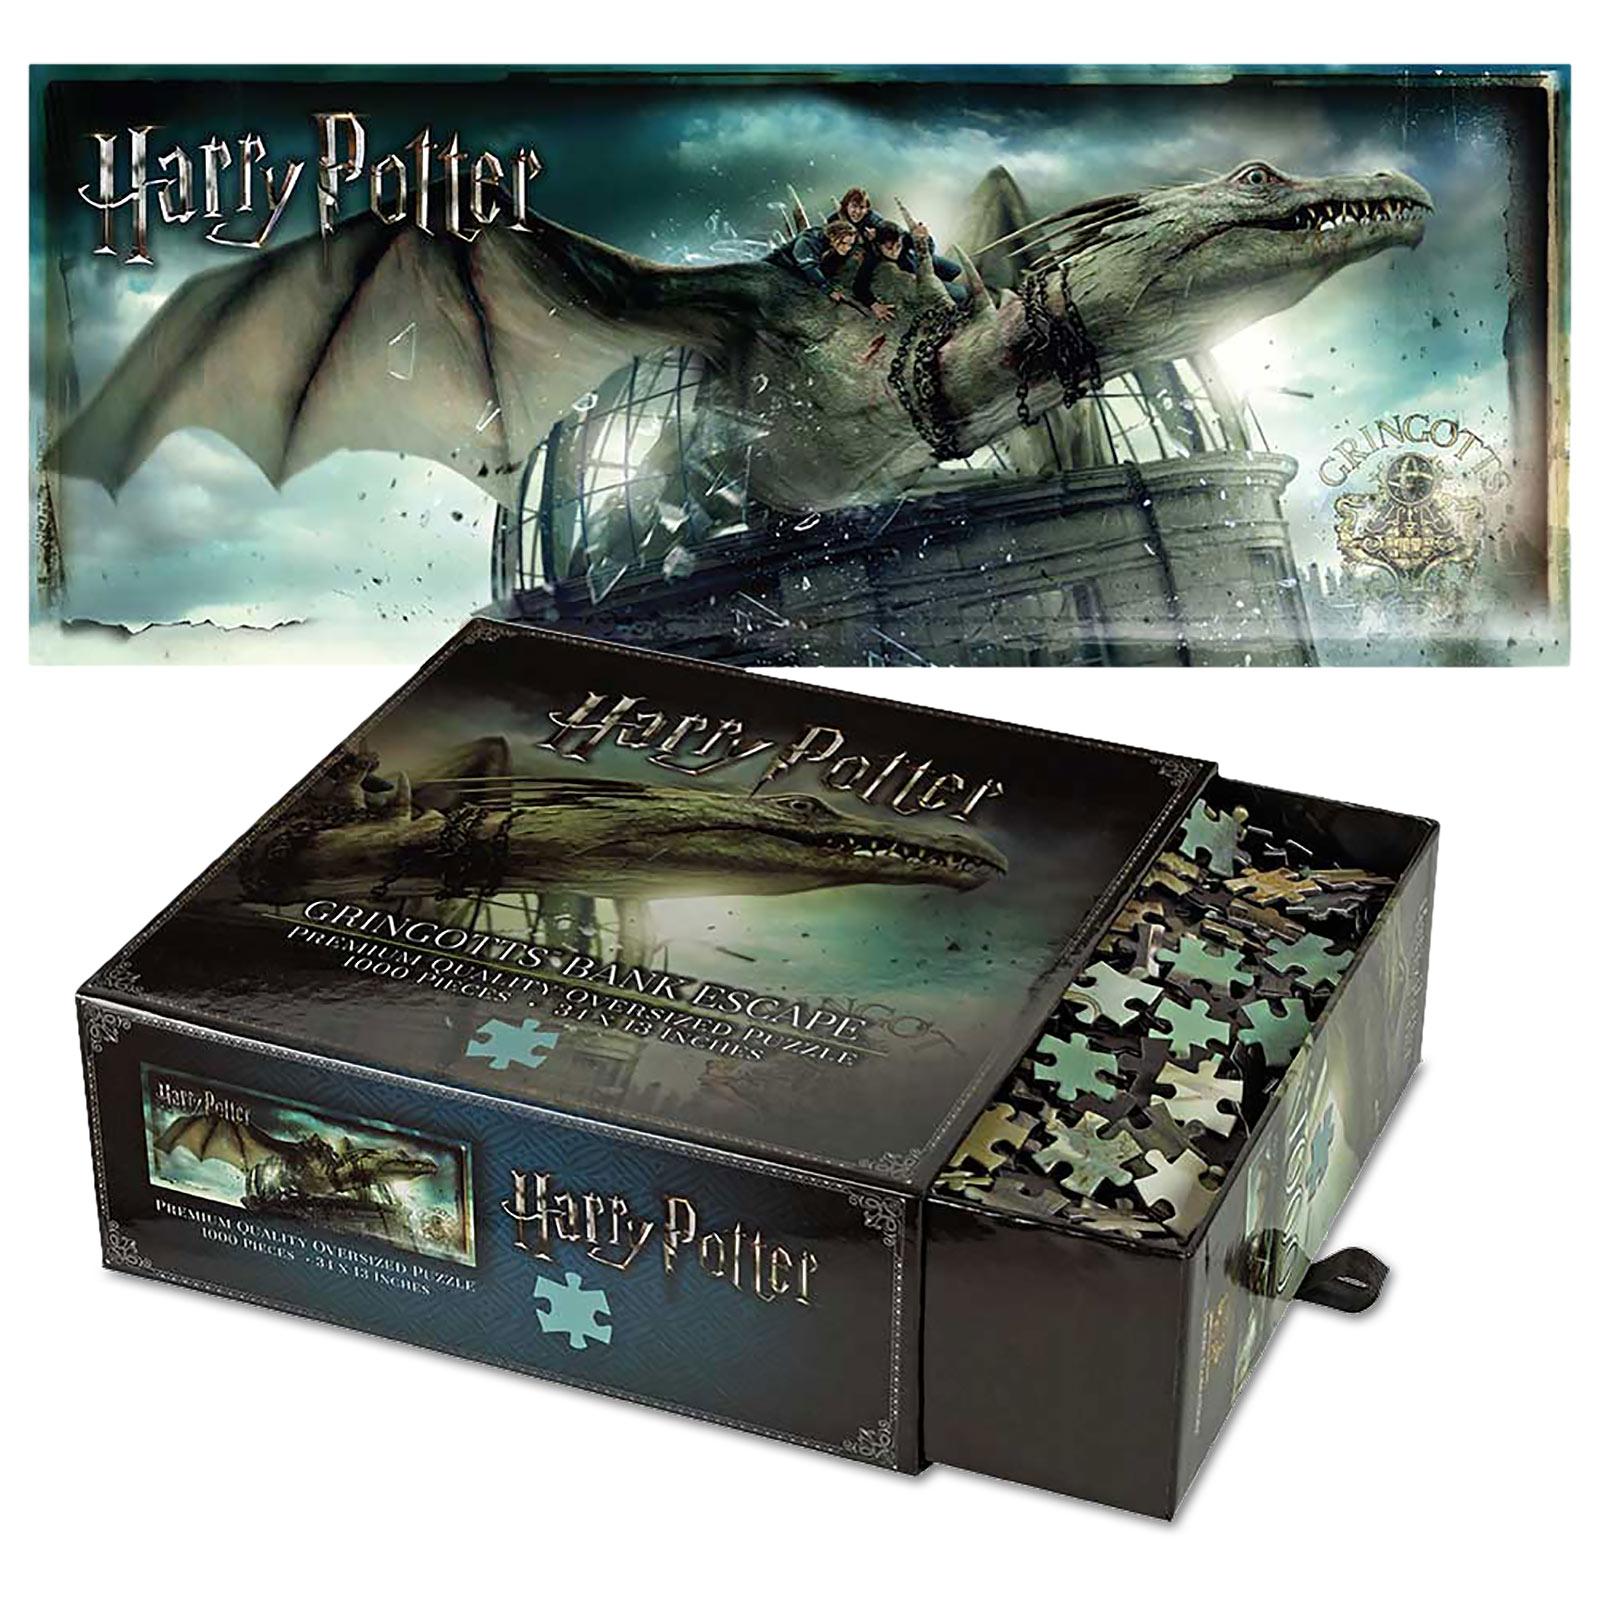 Harry Potter - Gringotts Bank mit Drache Premium Puzzle